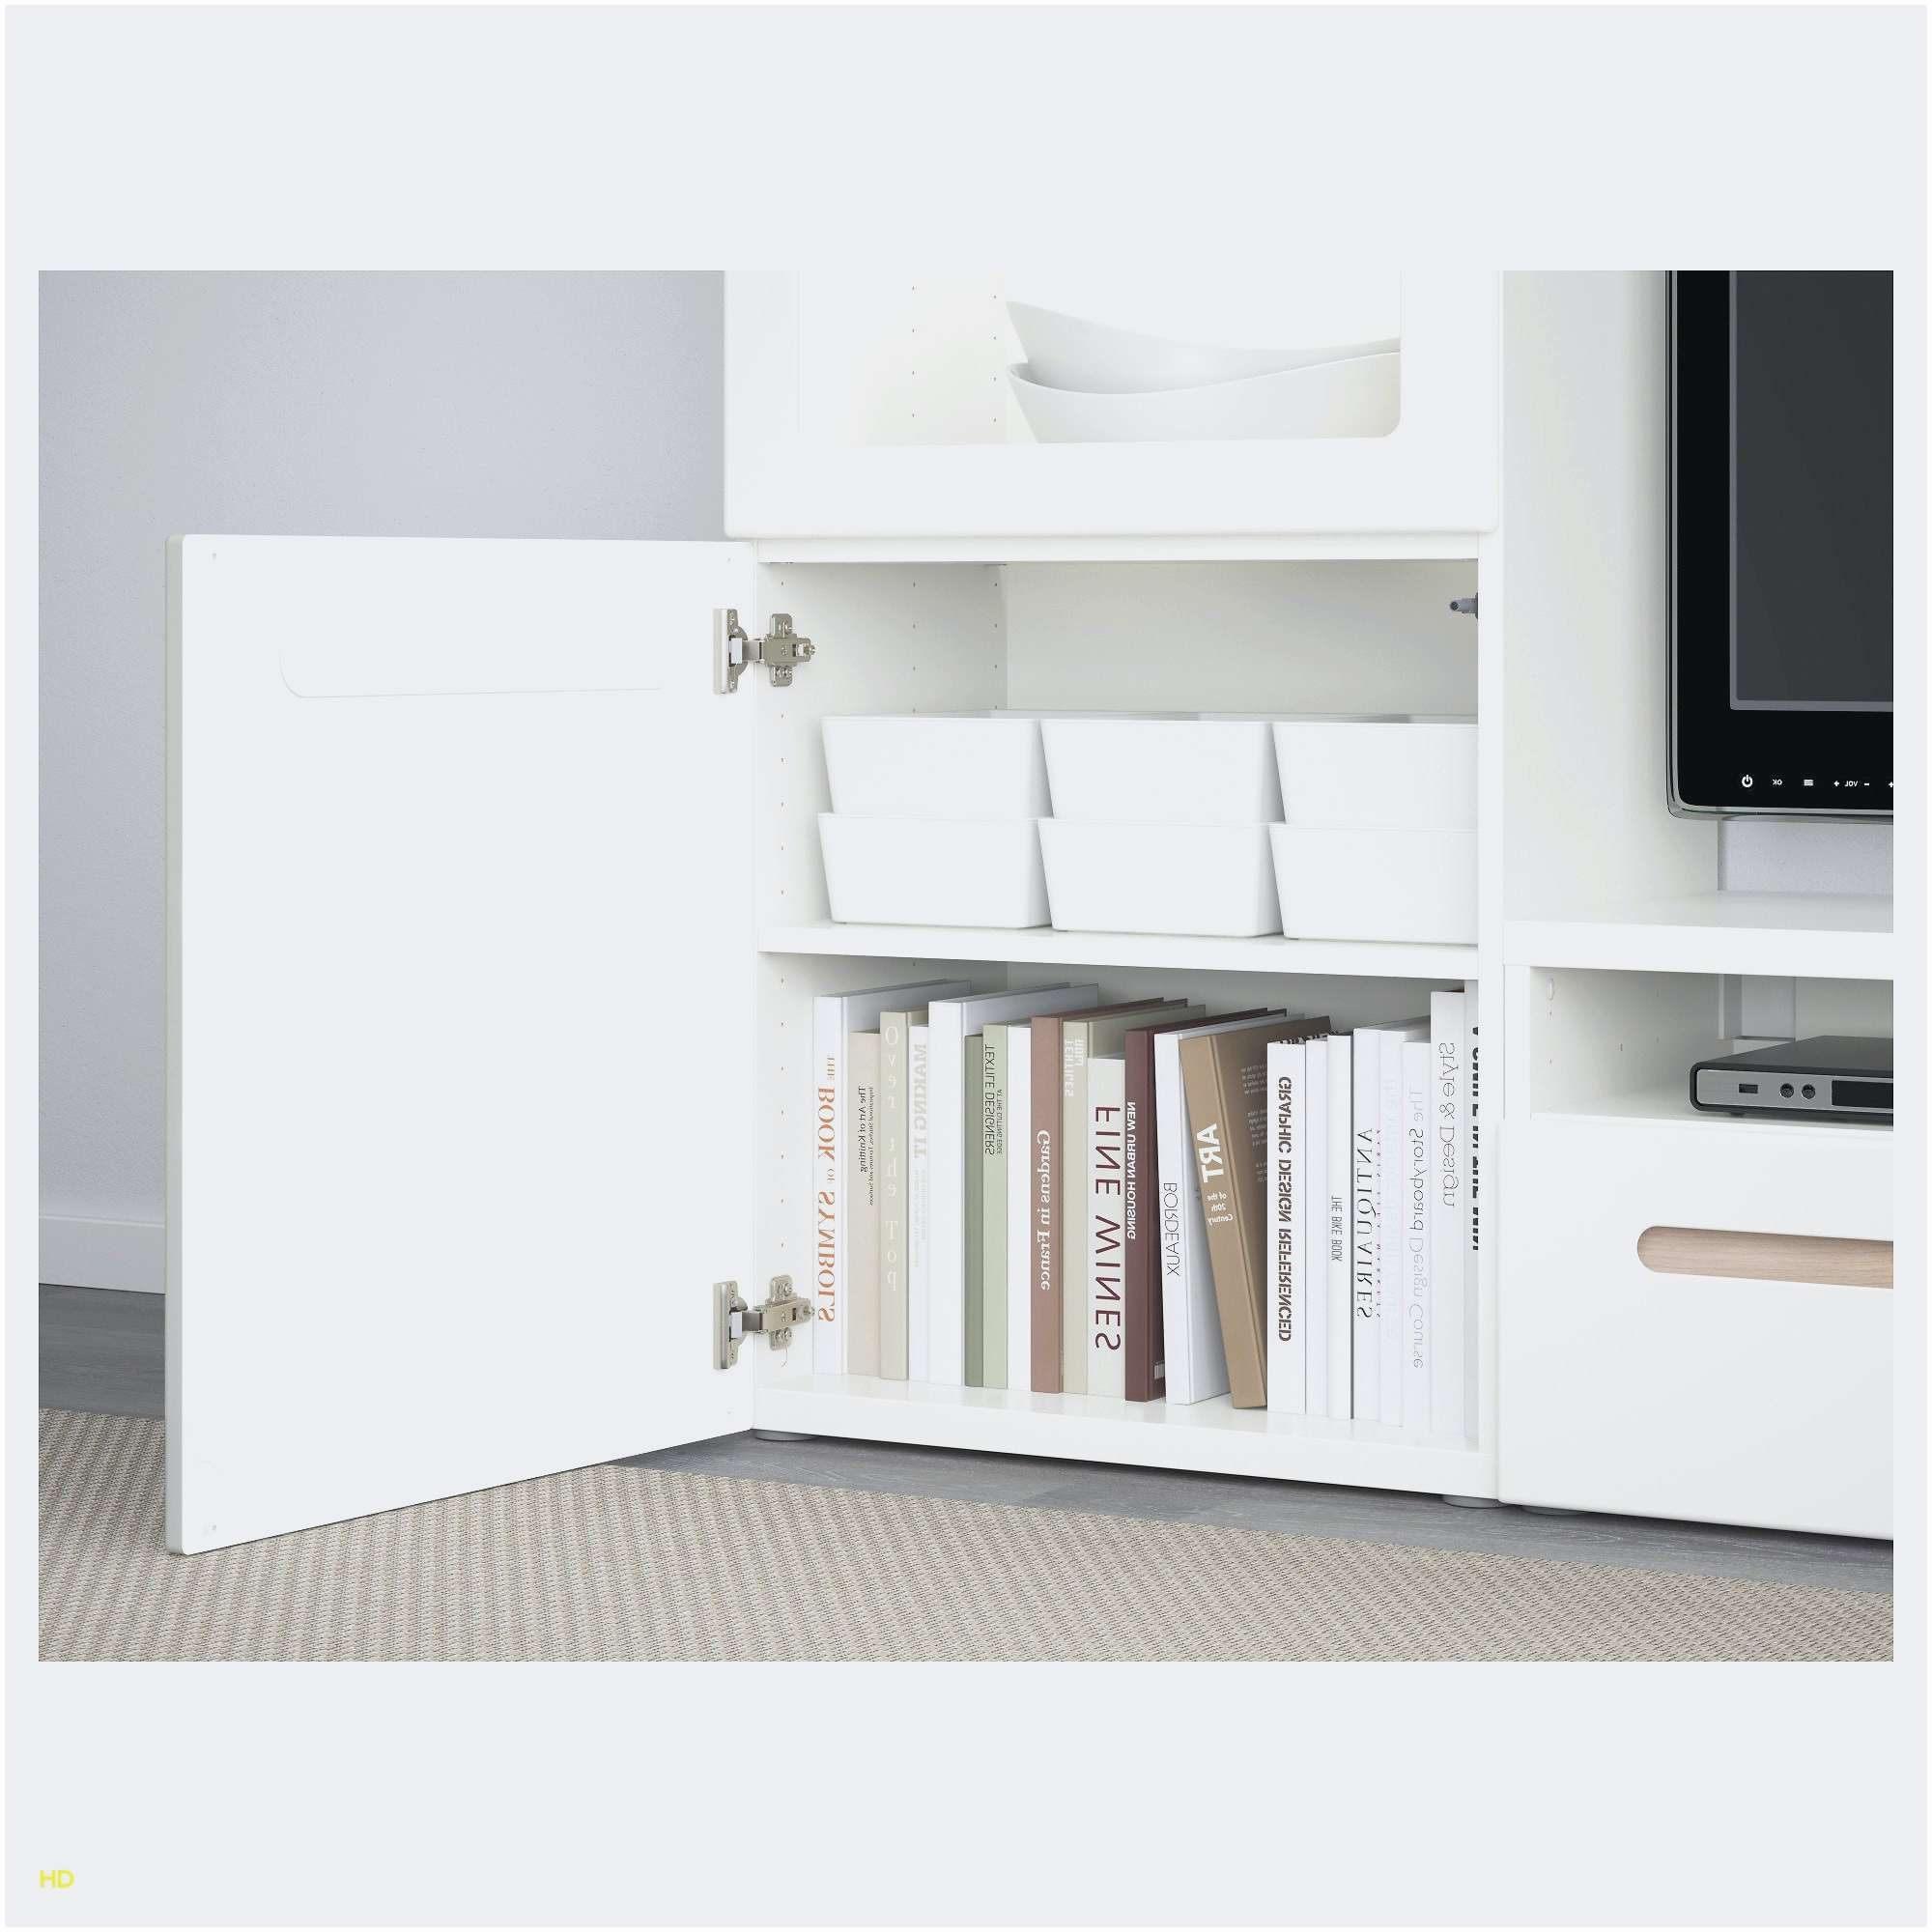 Lit Rangement Ikea Le Luxe Le Meilleur De Banc Avec Rangement Ikea Hemnes Hattehylde Hvid 85 Cm